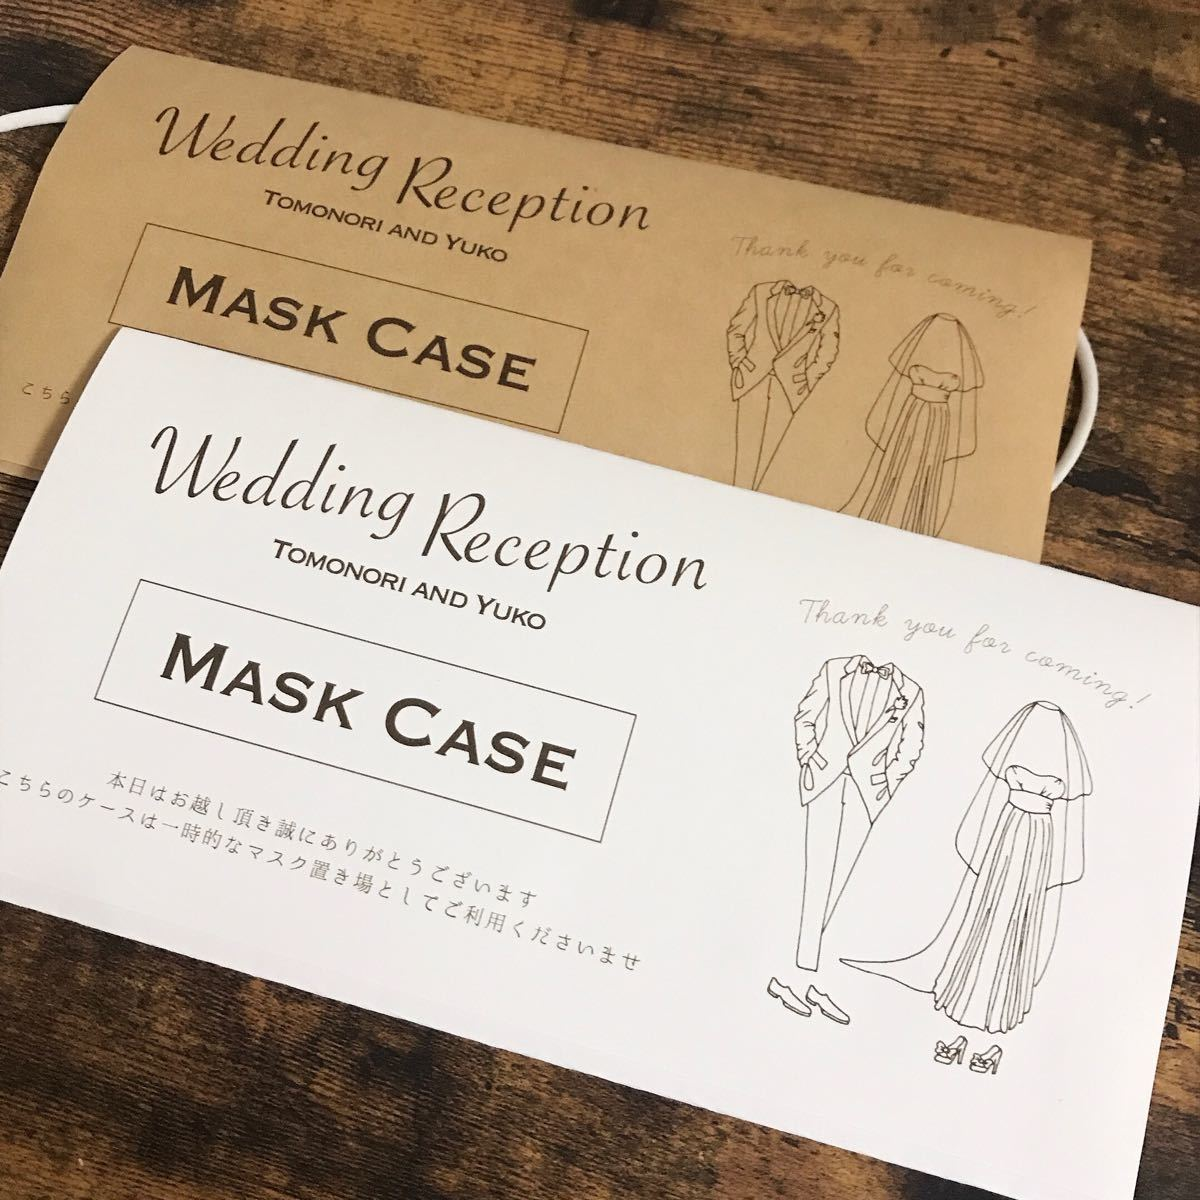 マスクケース マスクケース席札 席札 結婚式 ウェディング